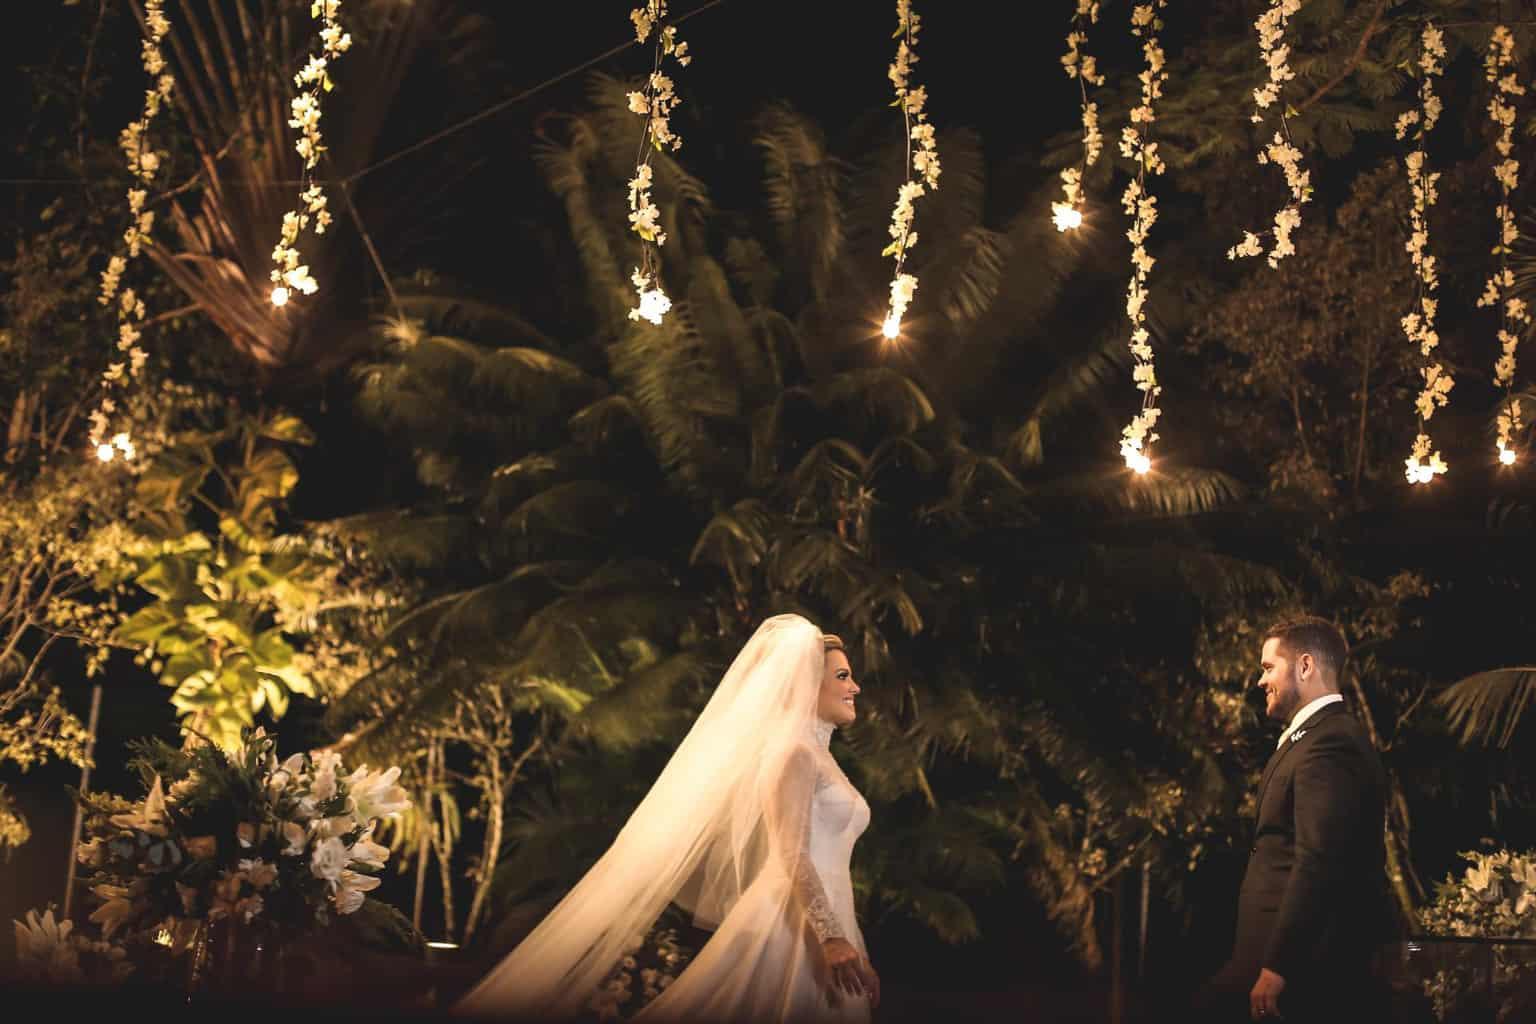 casamento-Juliana-e-Eduardo-Fotografia-Ricardo-Nascimento-e-Thereza-magno-Usina-dois-irmãos90